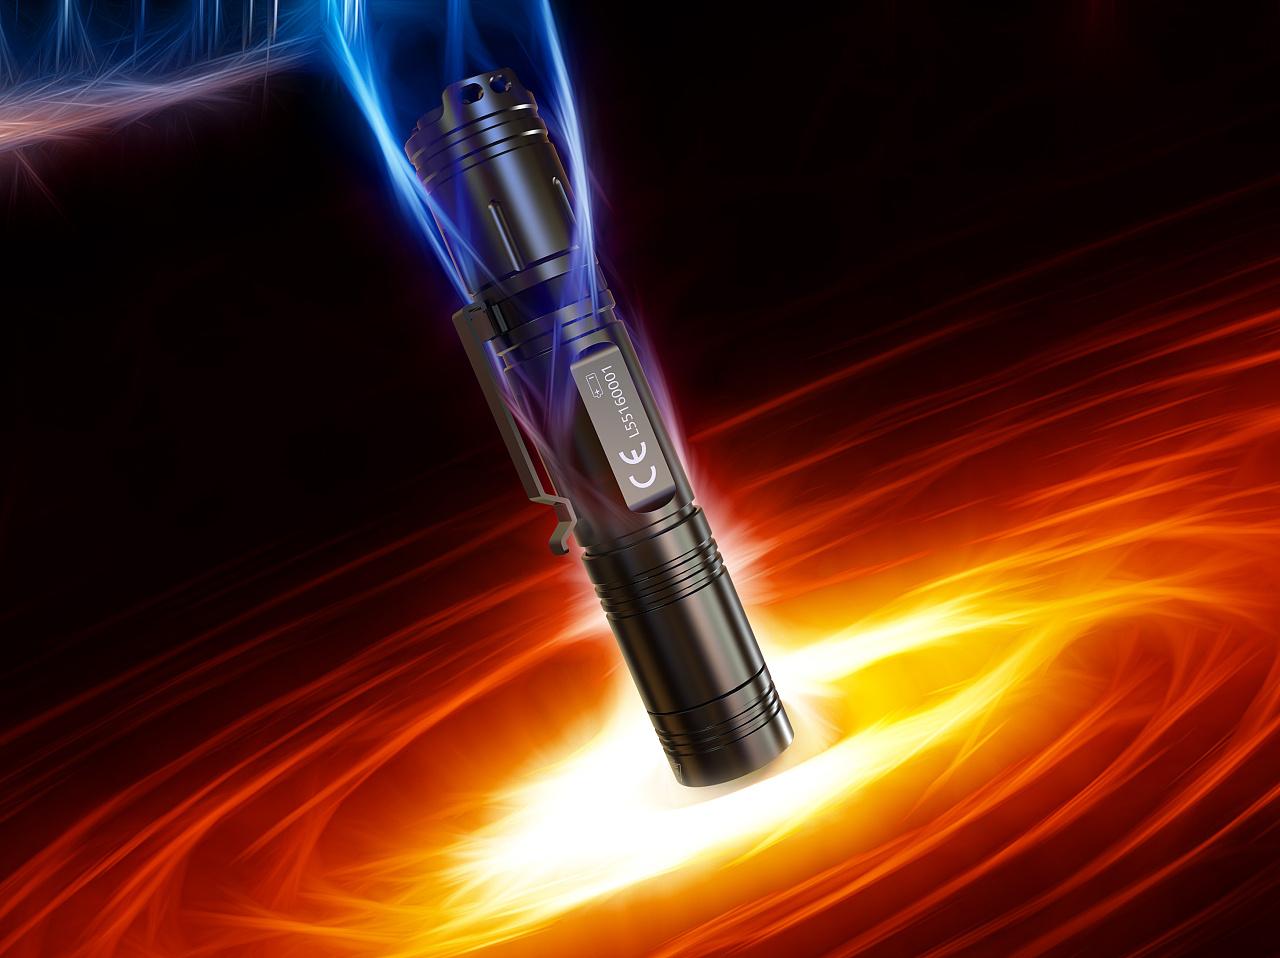 户外 强光 手电筒 产品设计 产品渲染